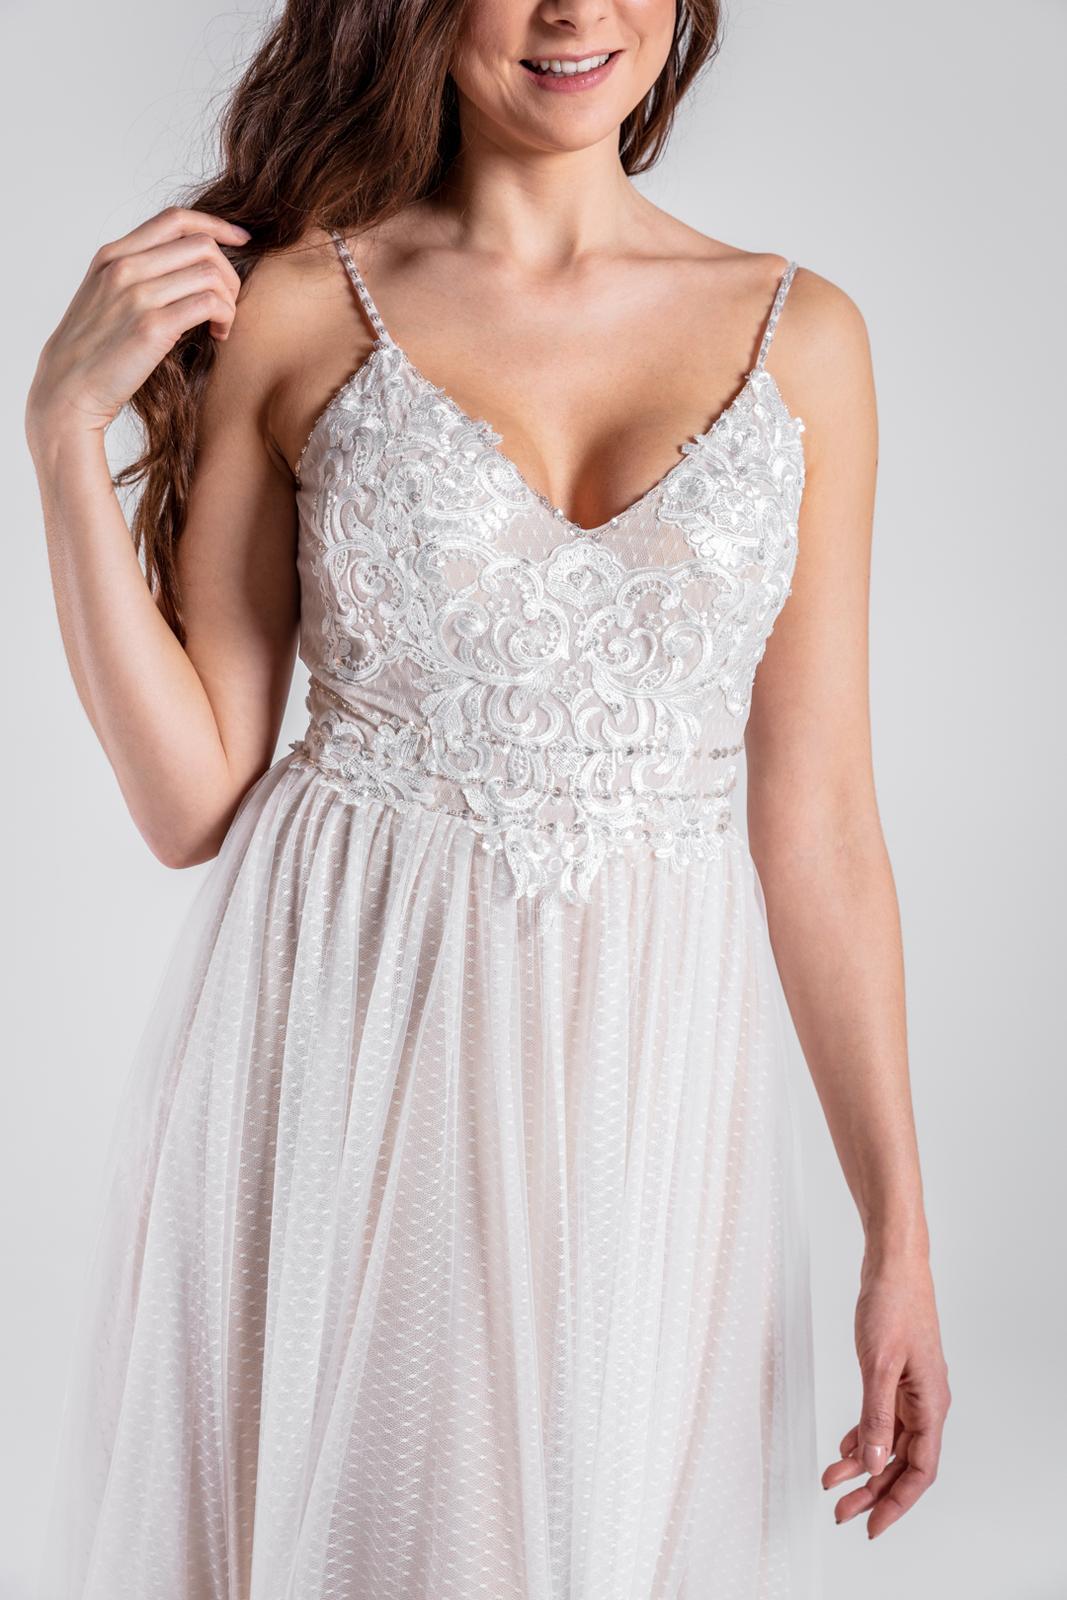 Lehoučké svatební šaty v boho stylu, vel 34-38 - Obrázek č. 1